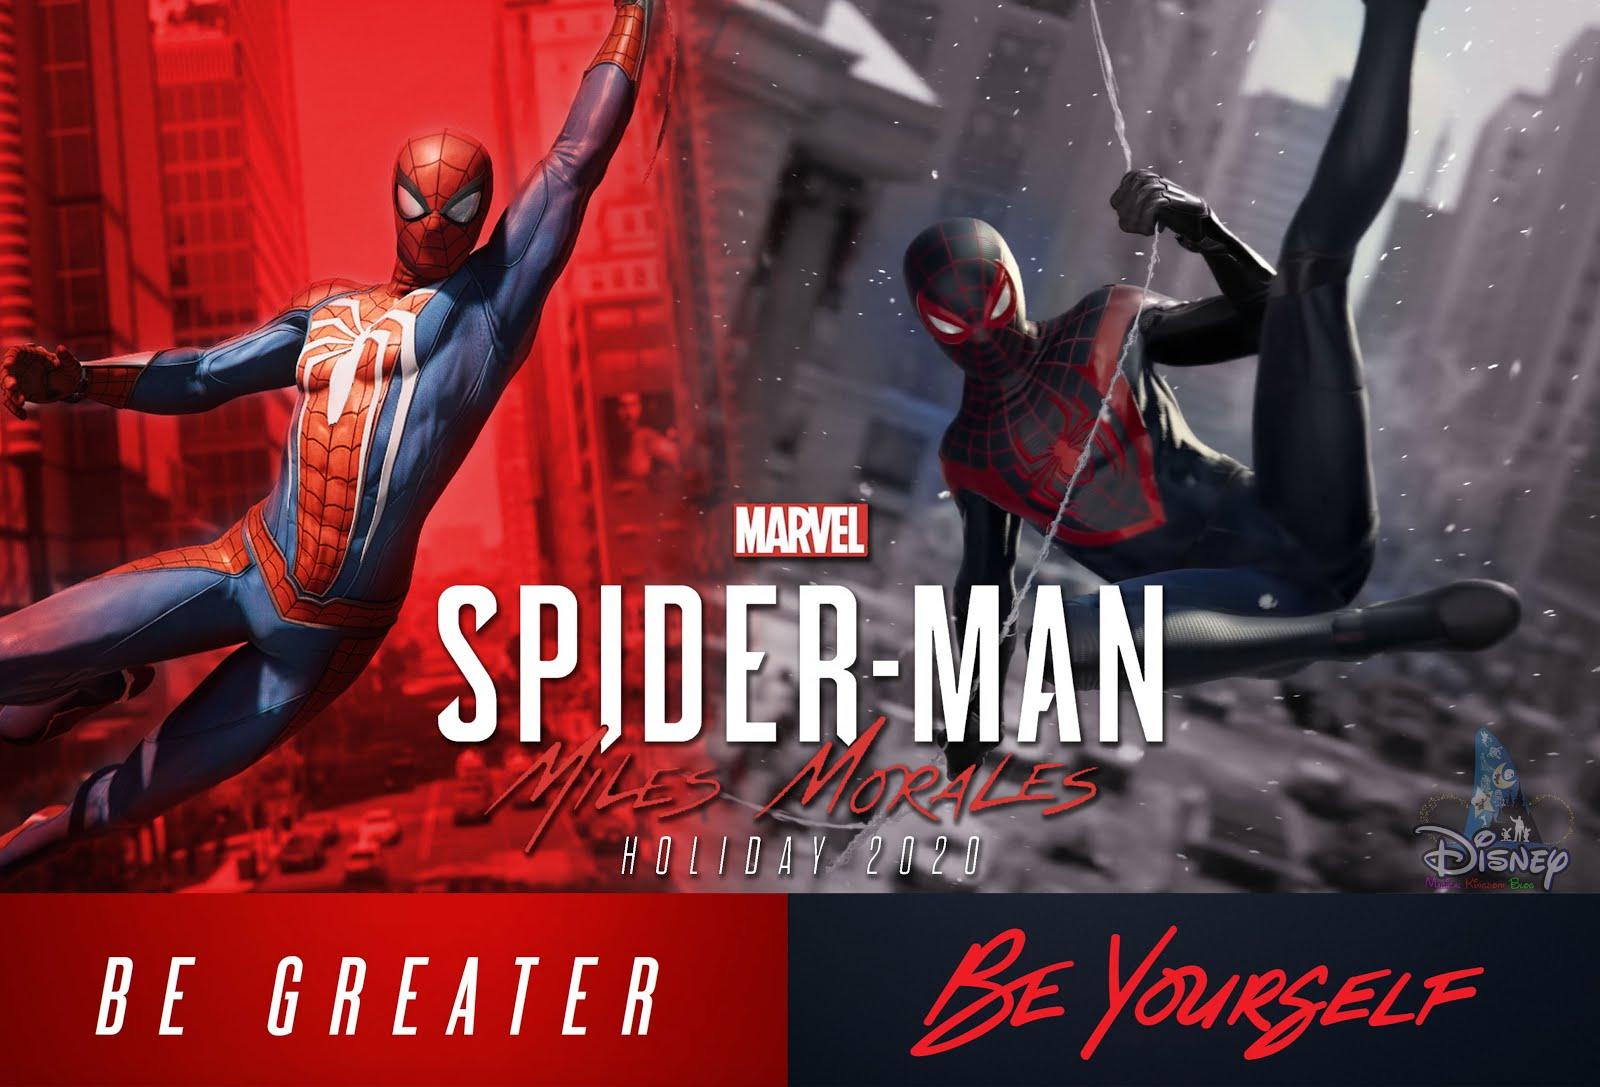 想体验就买这个漫威蜘蛛侠重制版仅随新作终极版出售